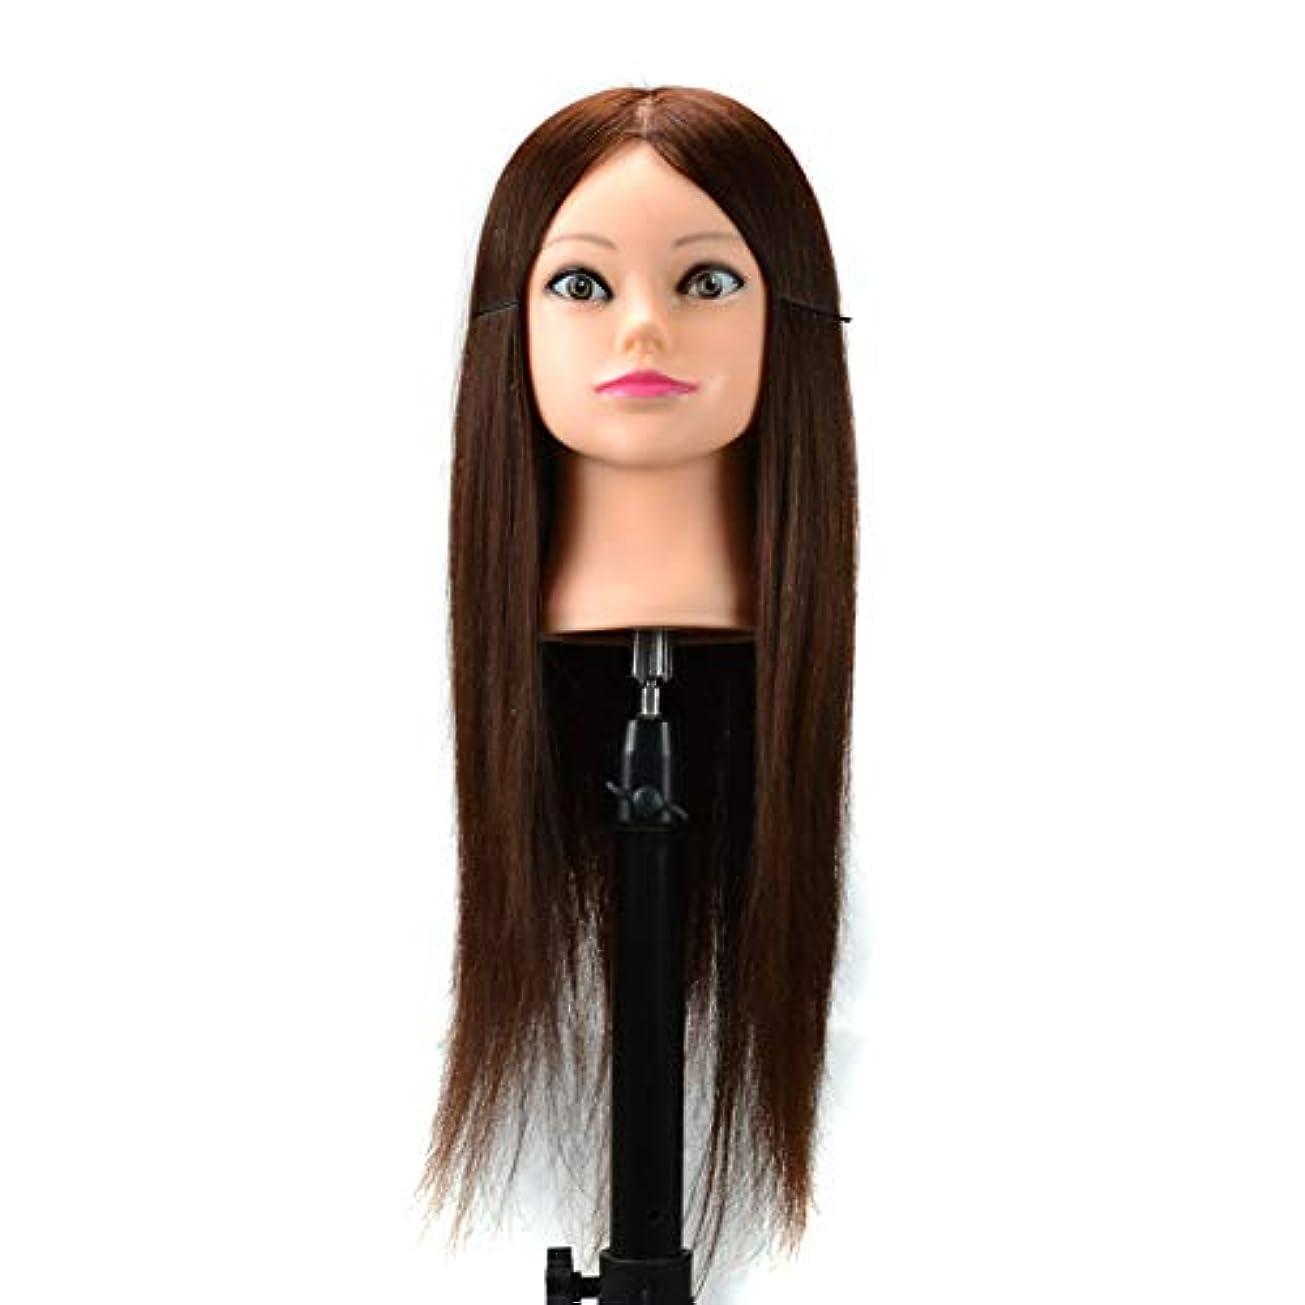 のスコア大使何でも人間の髪の毛のトレーニングヘッドにすることができますヘアカール練習ヘッド型スタイリング編組ダミーヘッドディスクヘアメイクウィッグマネキンヘッド